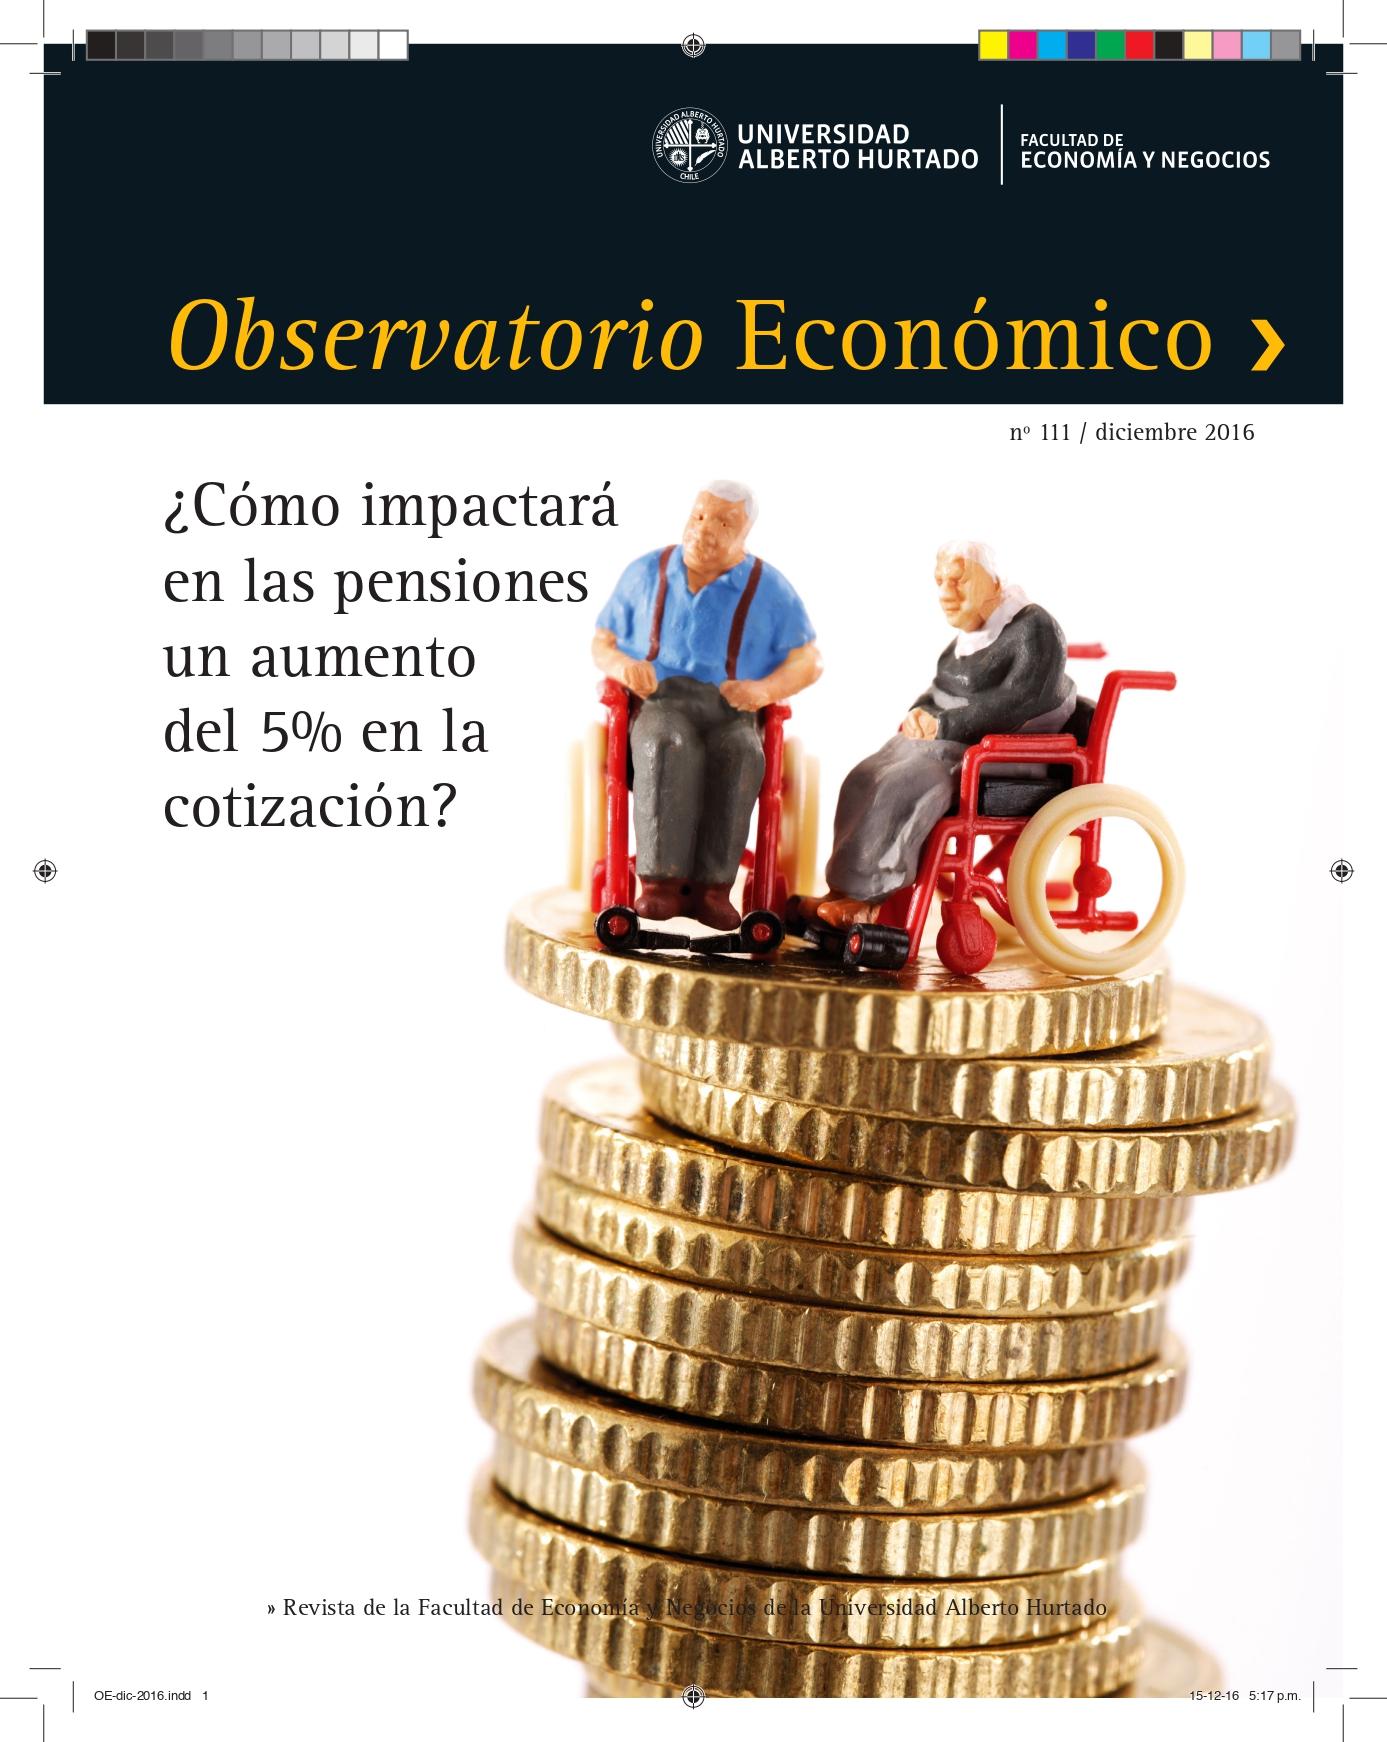 """Título del número de la revista : """"¿Cómo impactará en las pensiones un aumento del 5% de la cotización?"""""""